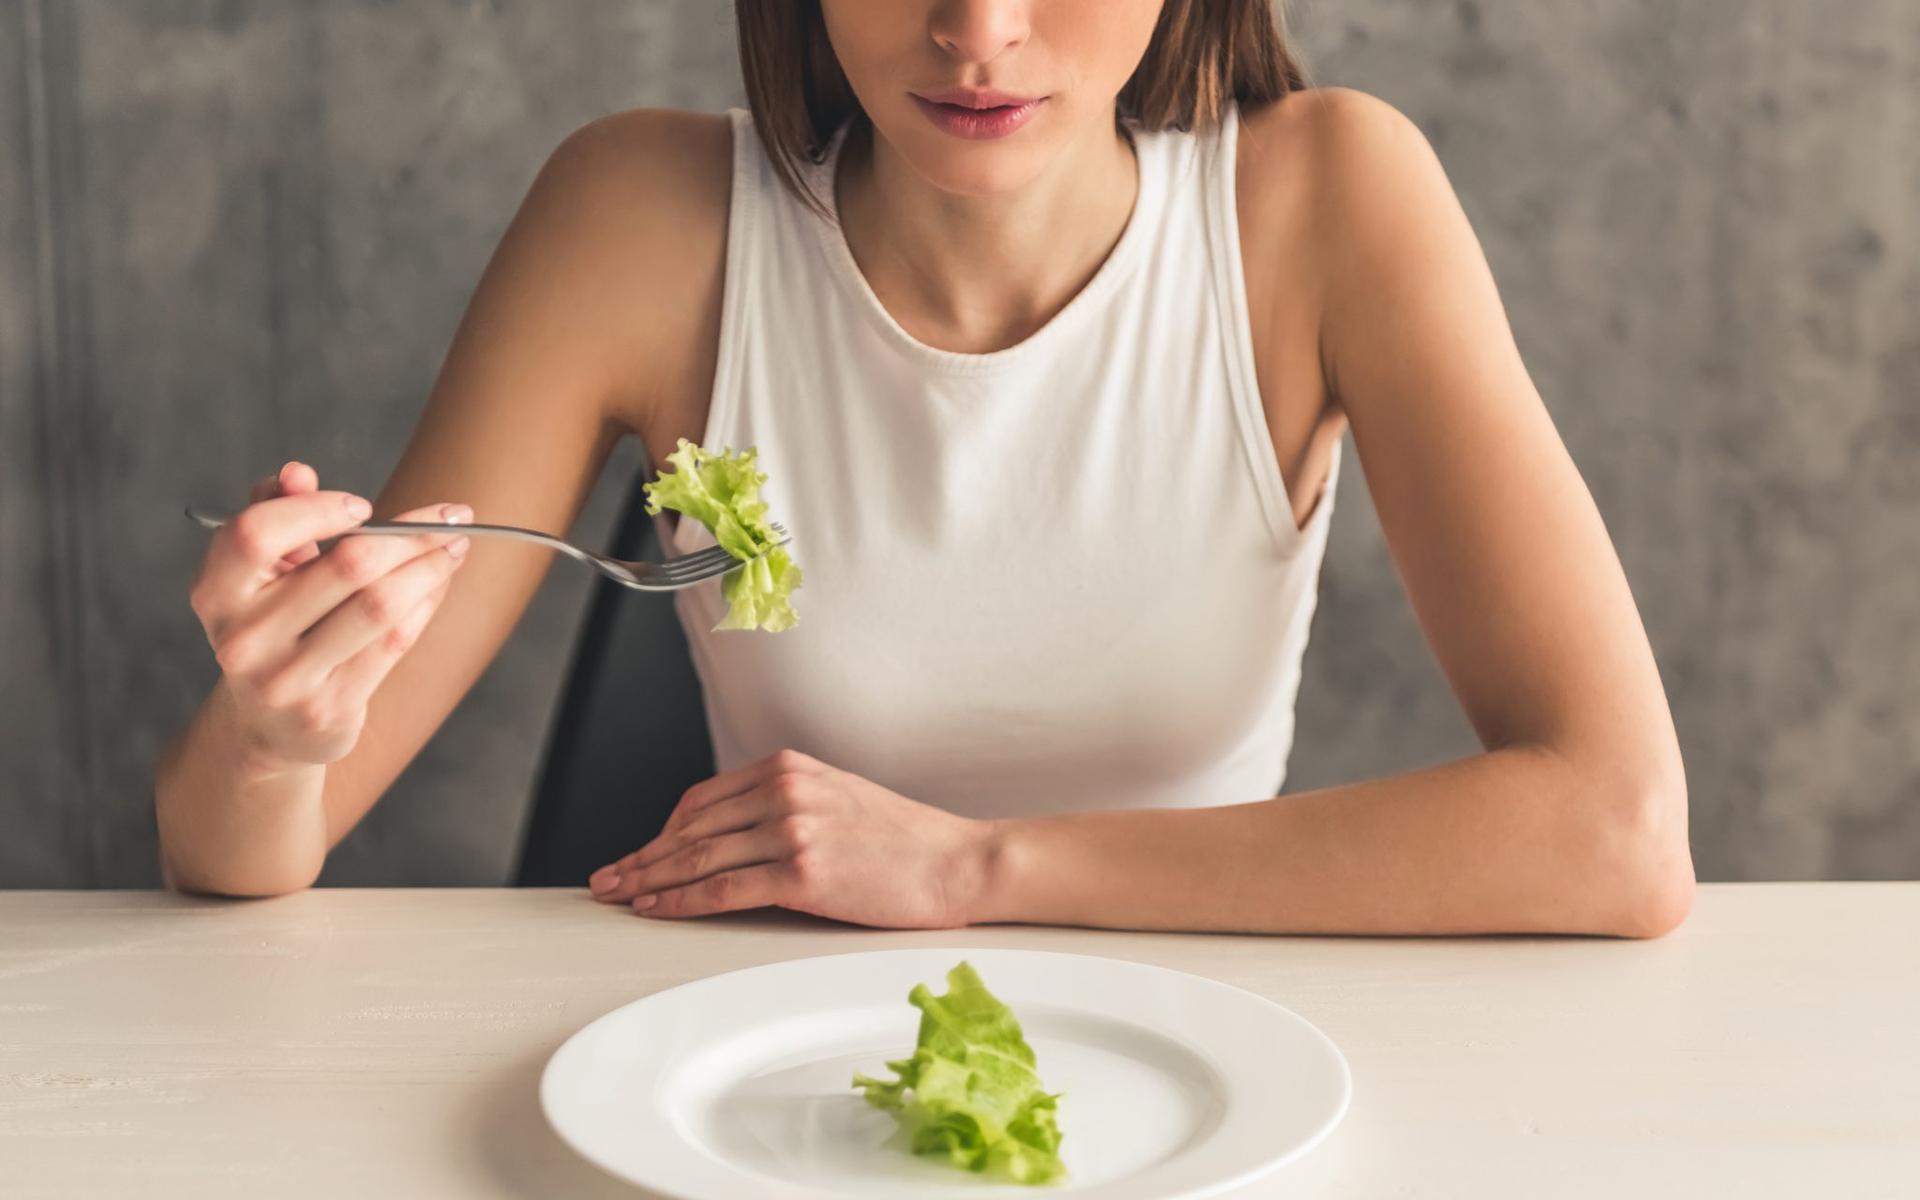 Câte calorii consumi în medie pe zi?